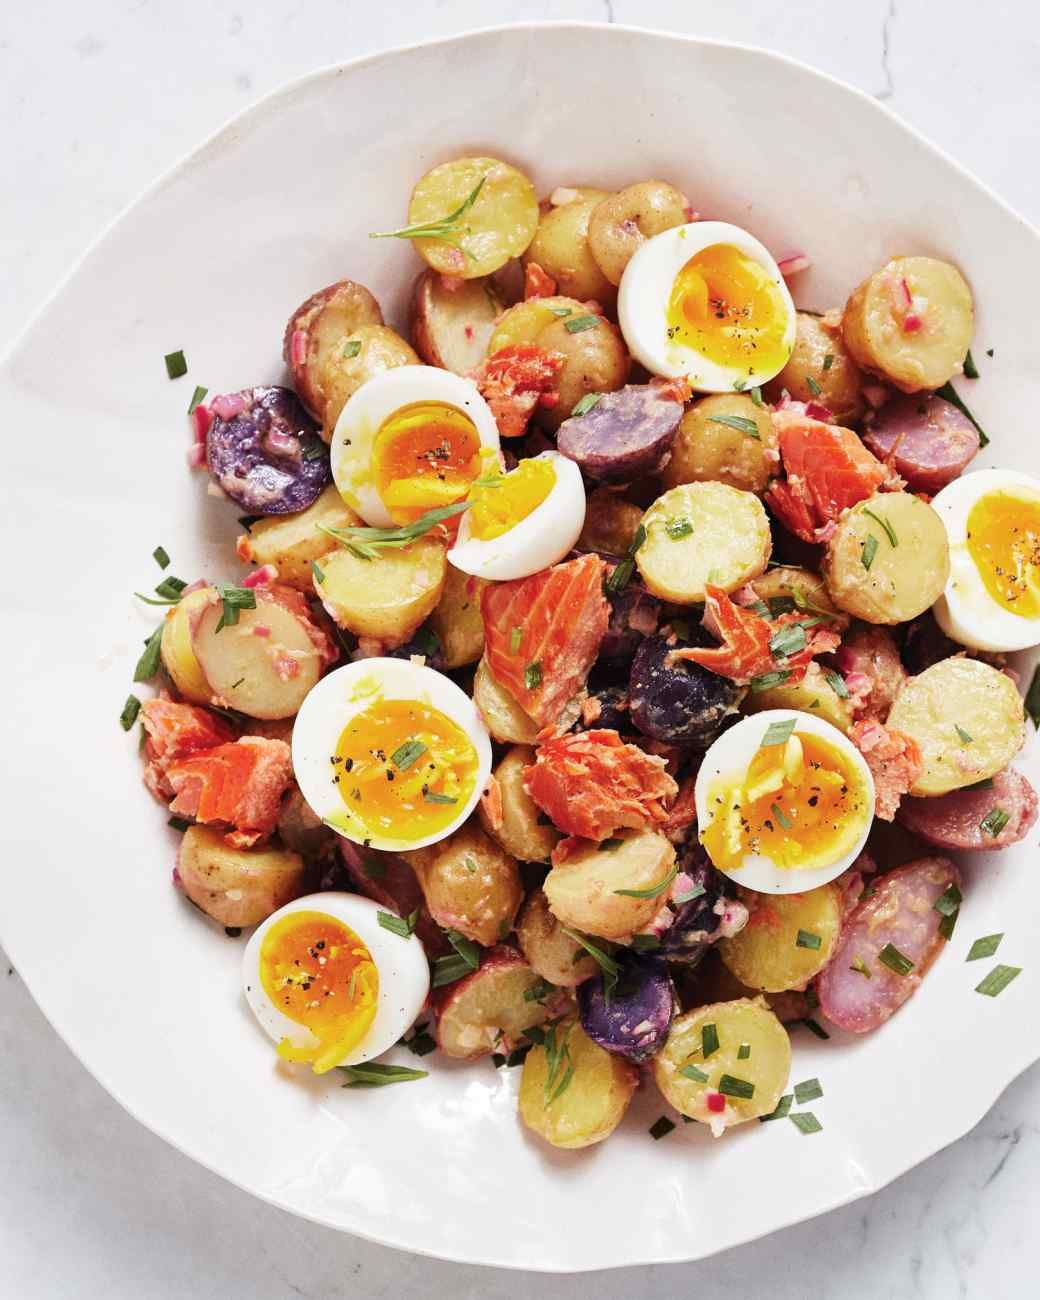 Smokedsalmon Potato Salad With Eggs And Herbs